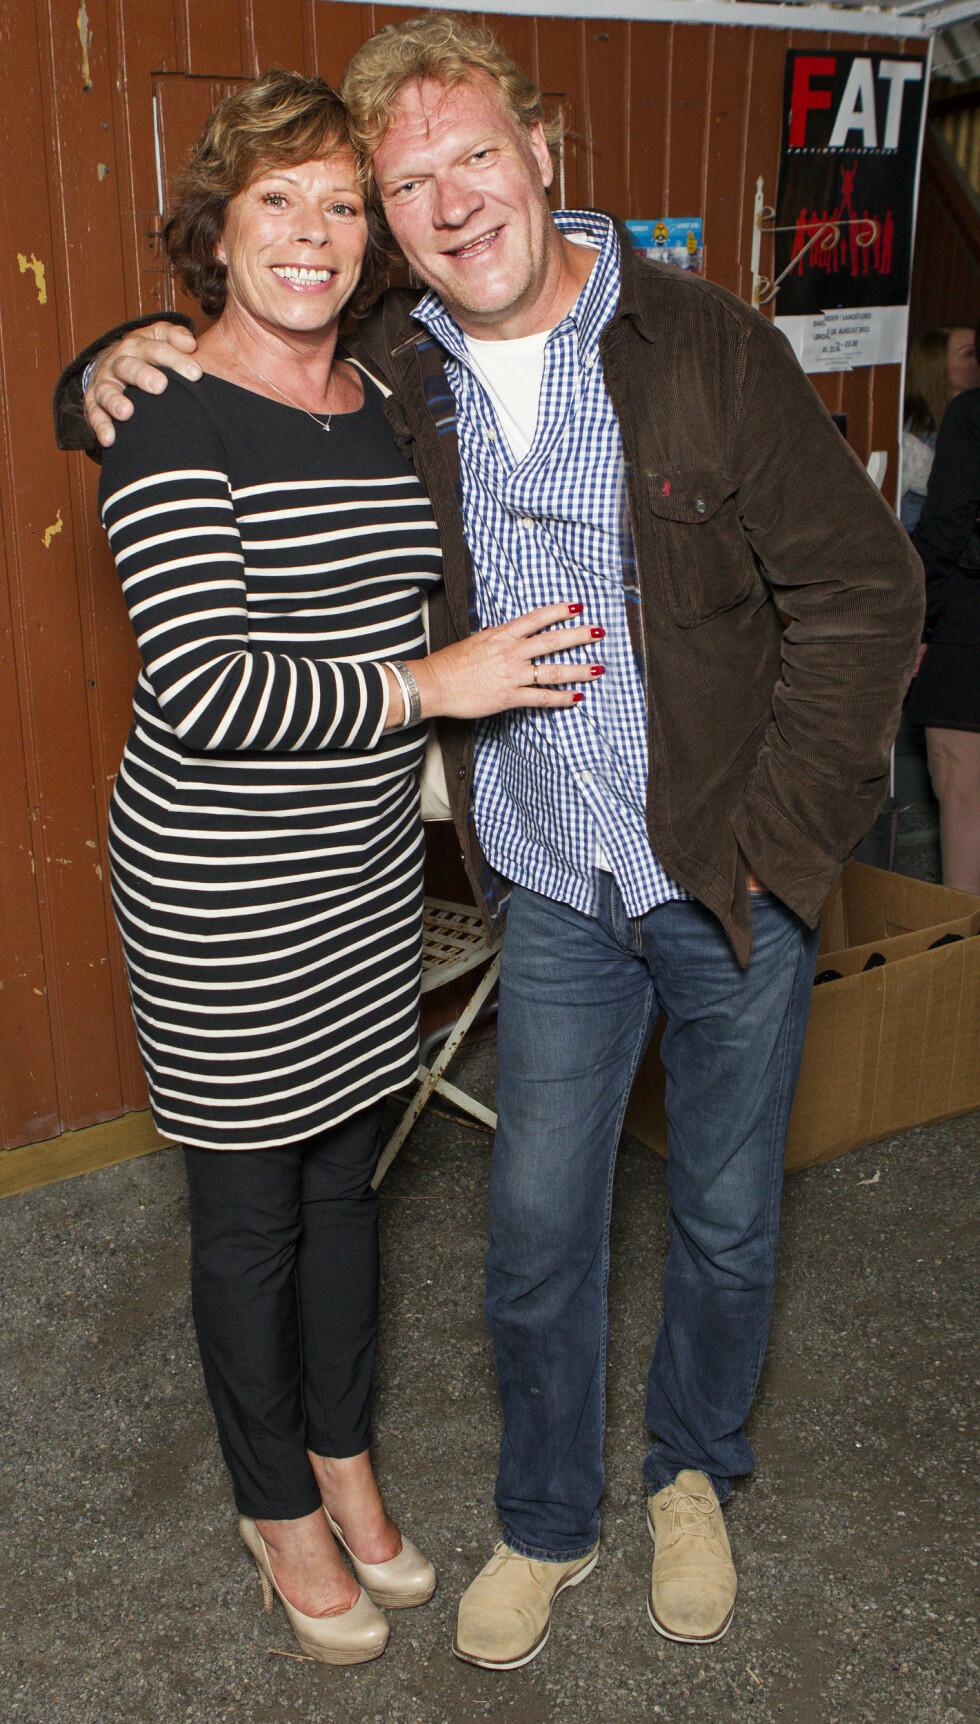 LYKKELIG GIFT: Dette bildet av Sven og kona Torild er tatt i 2012. Da feiret paret 30-årsjubileum som par. Foto: Andreas Fadum